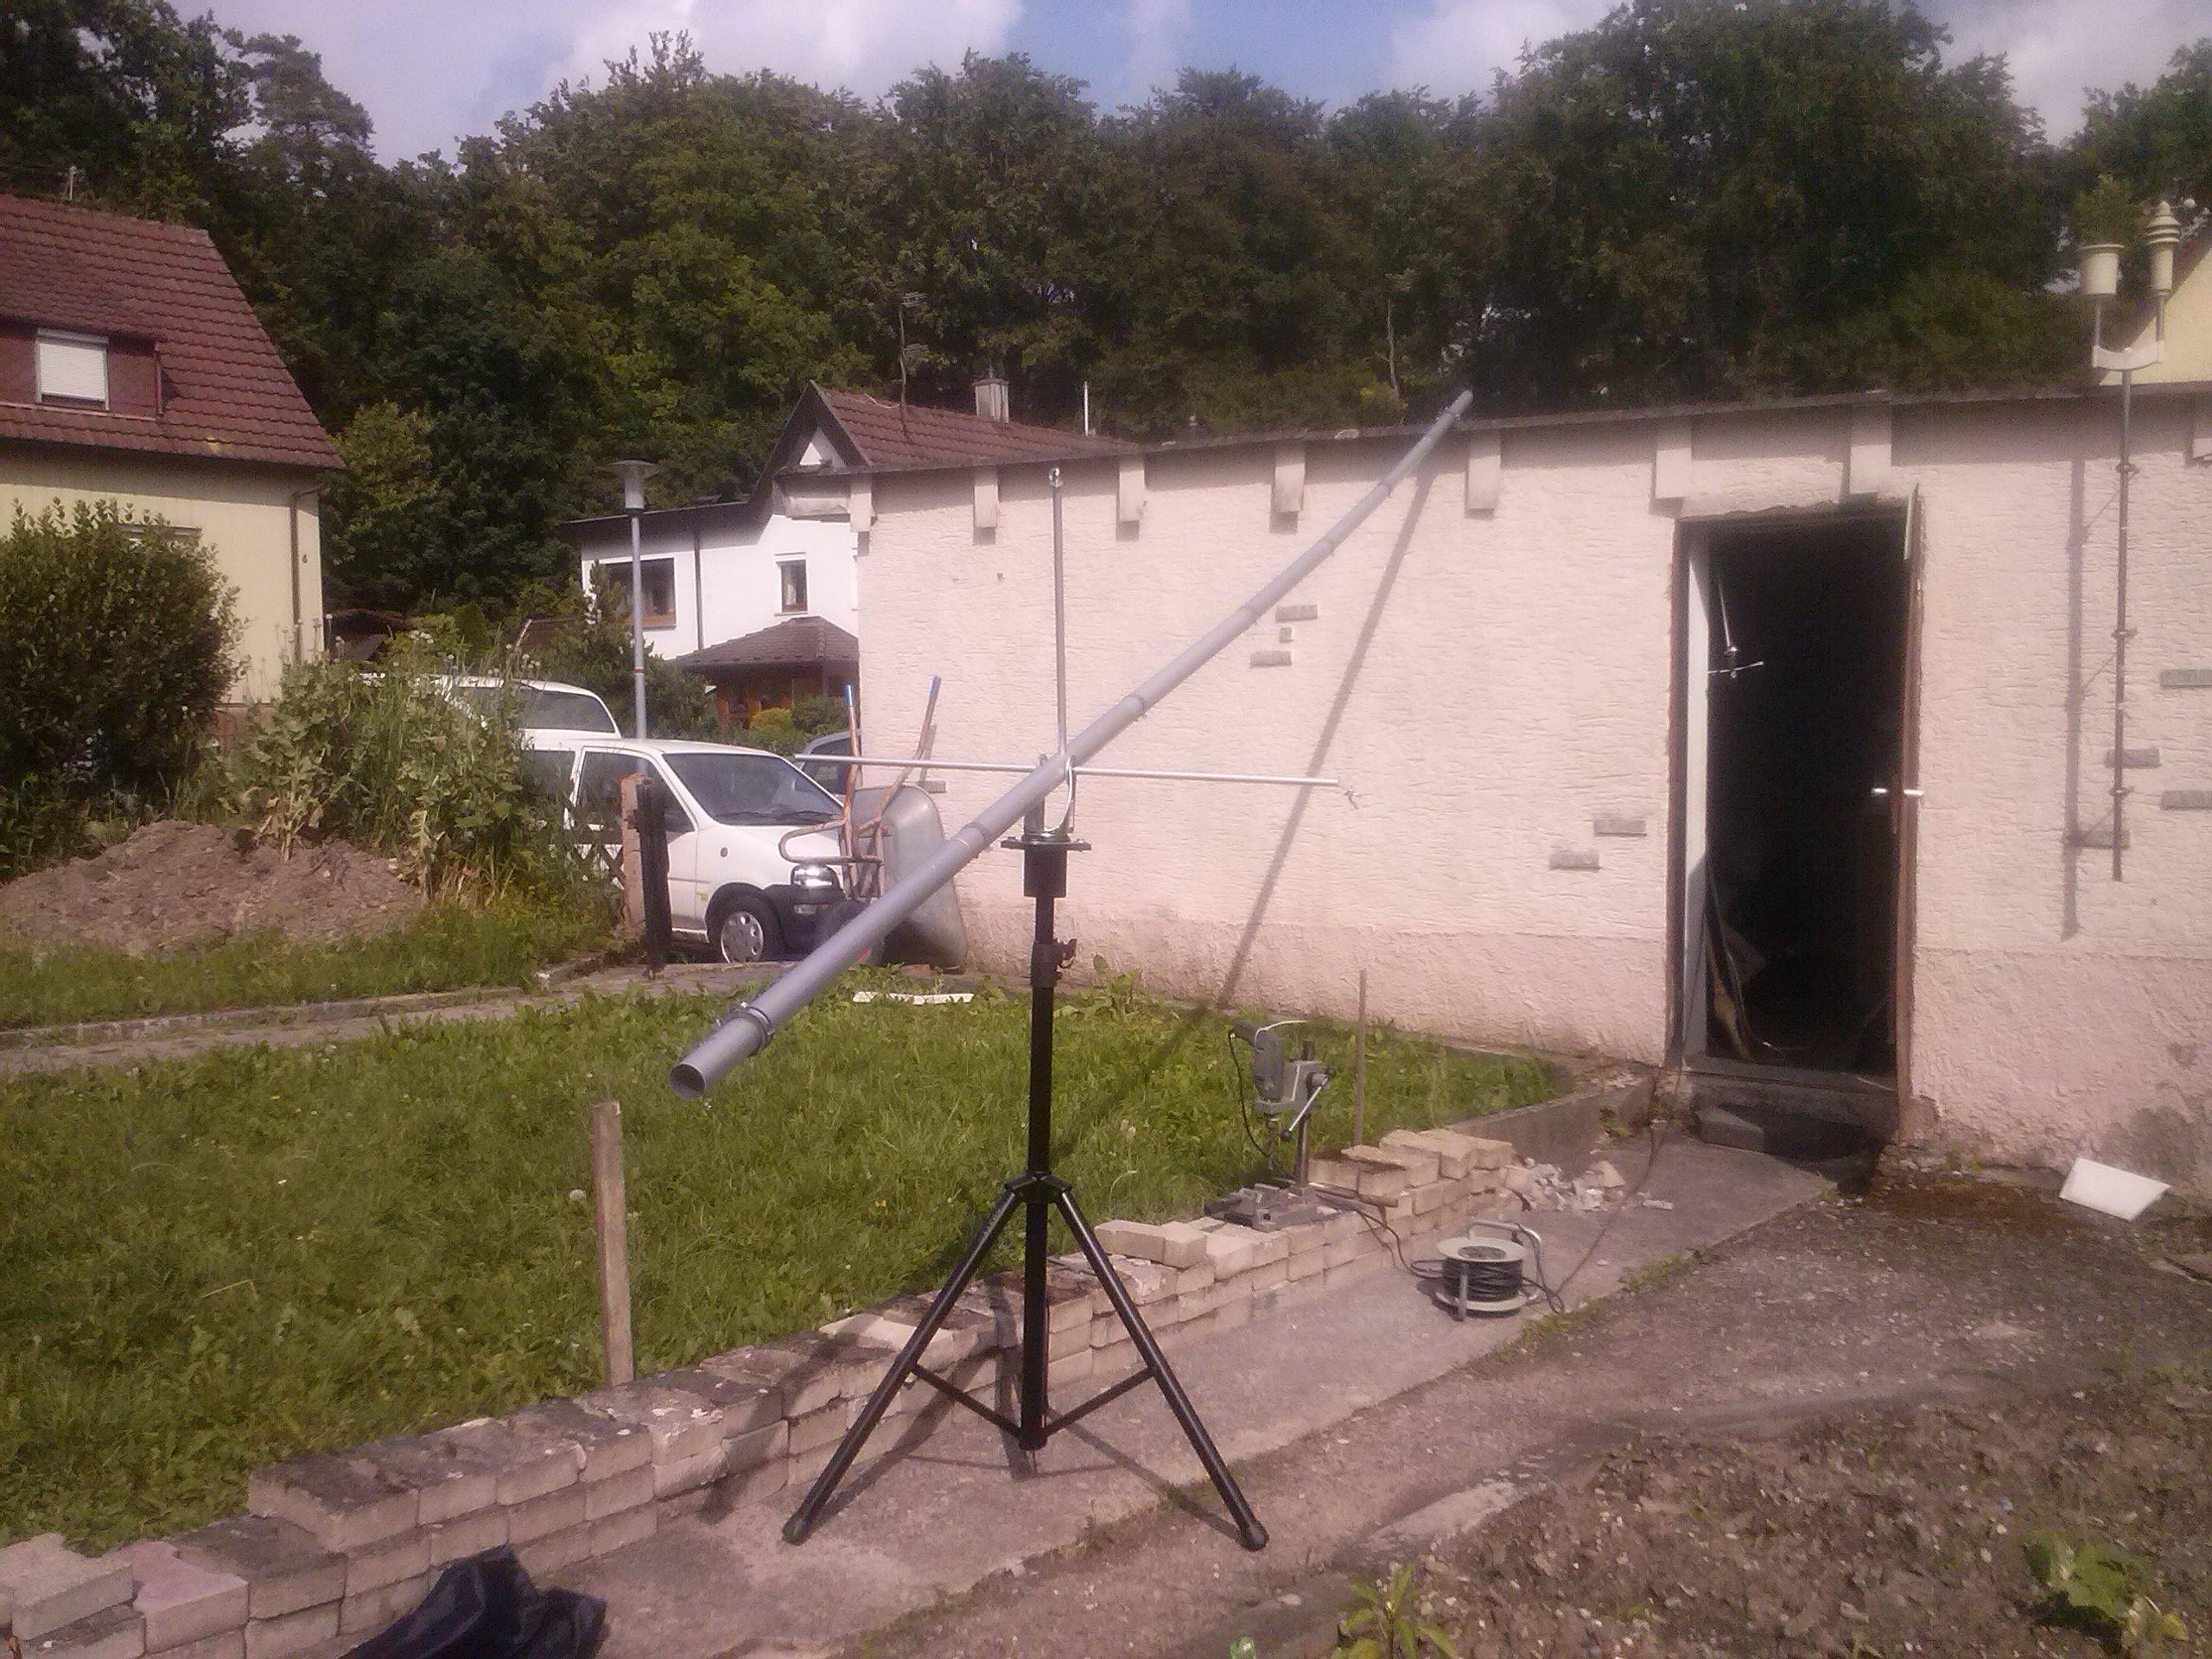 Kamerakran im Aufbau